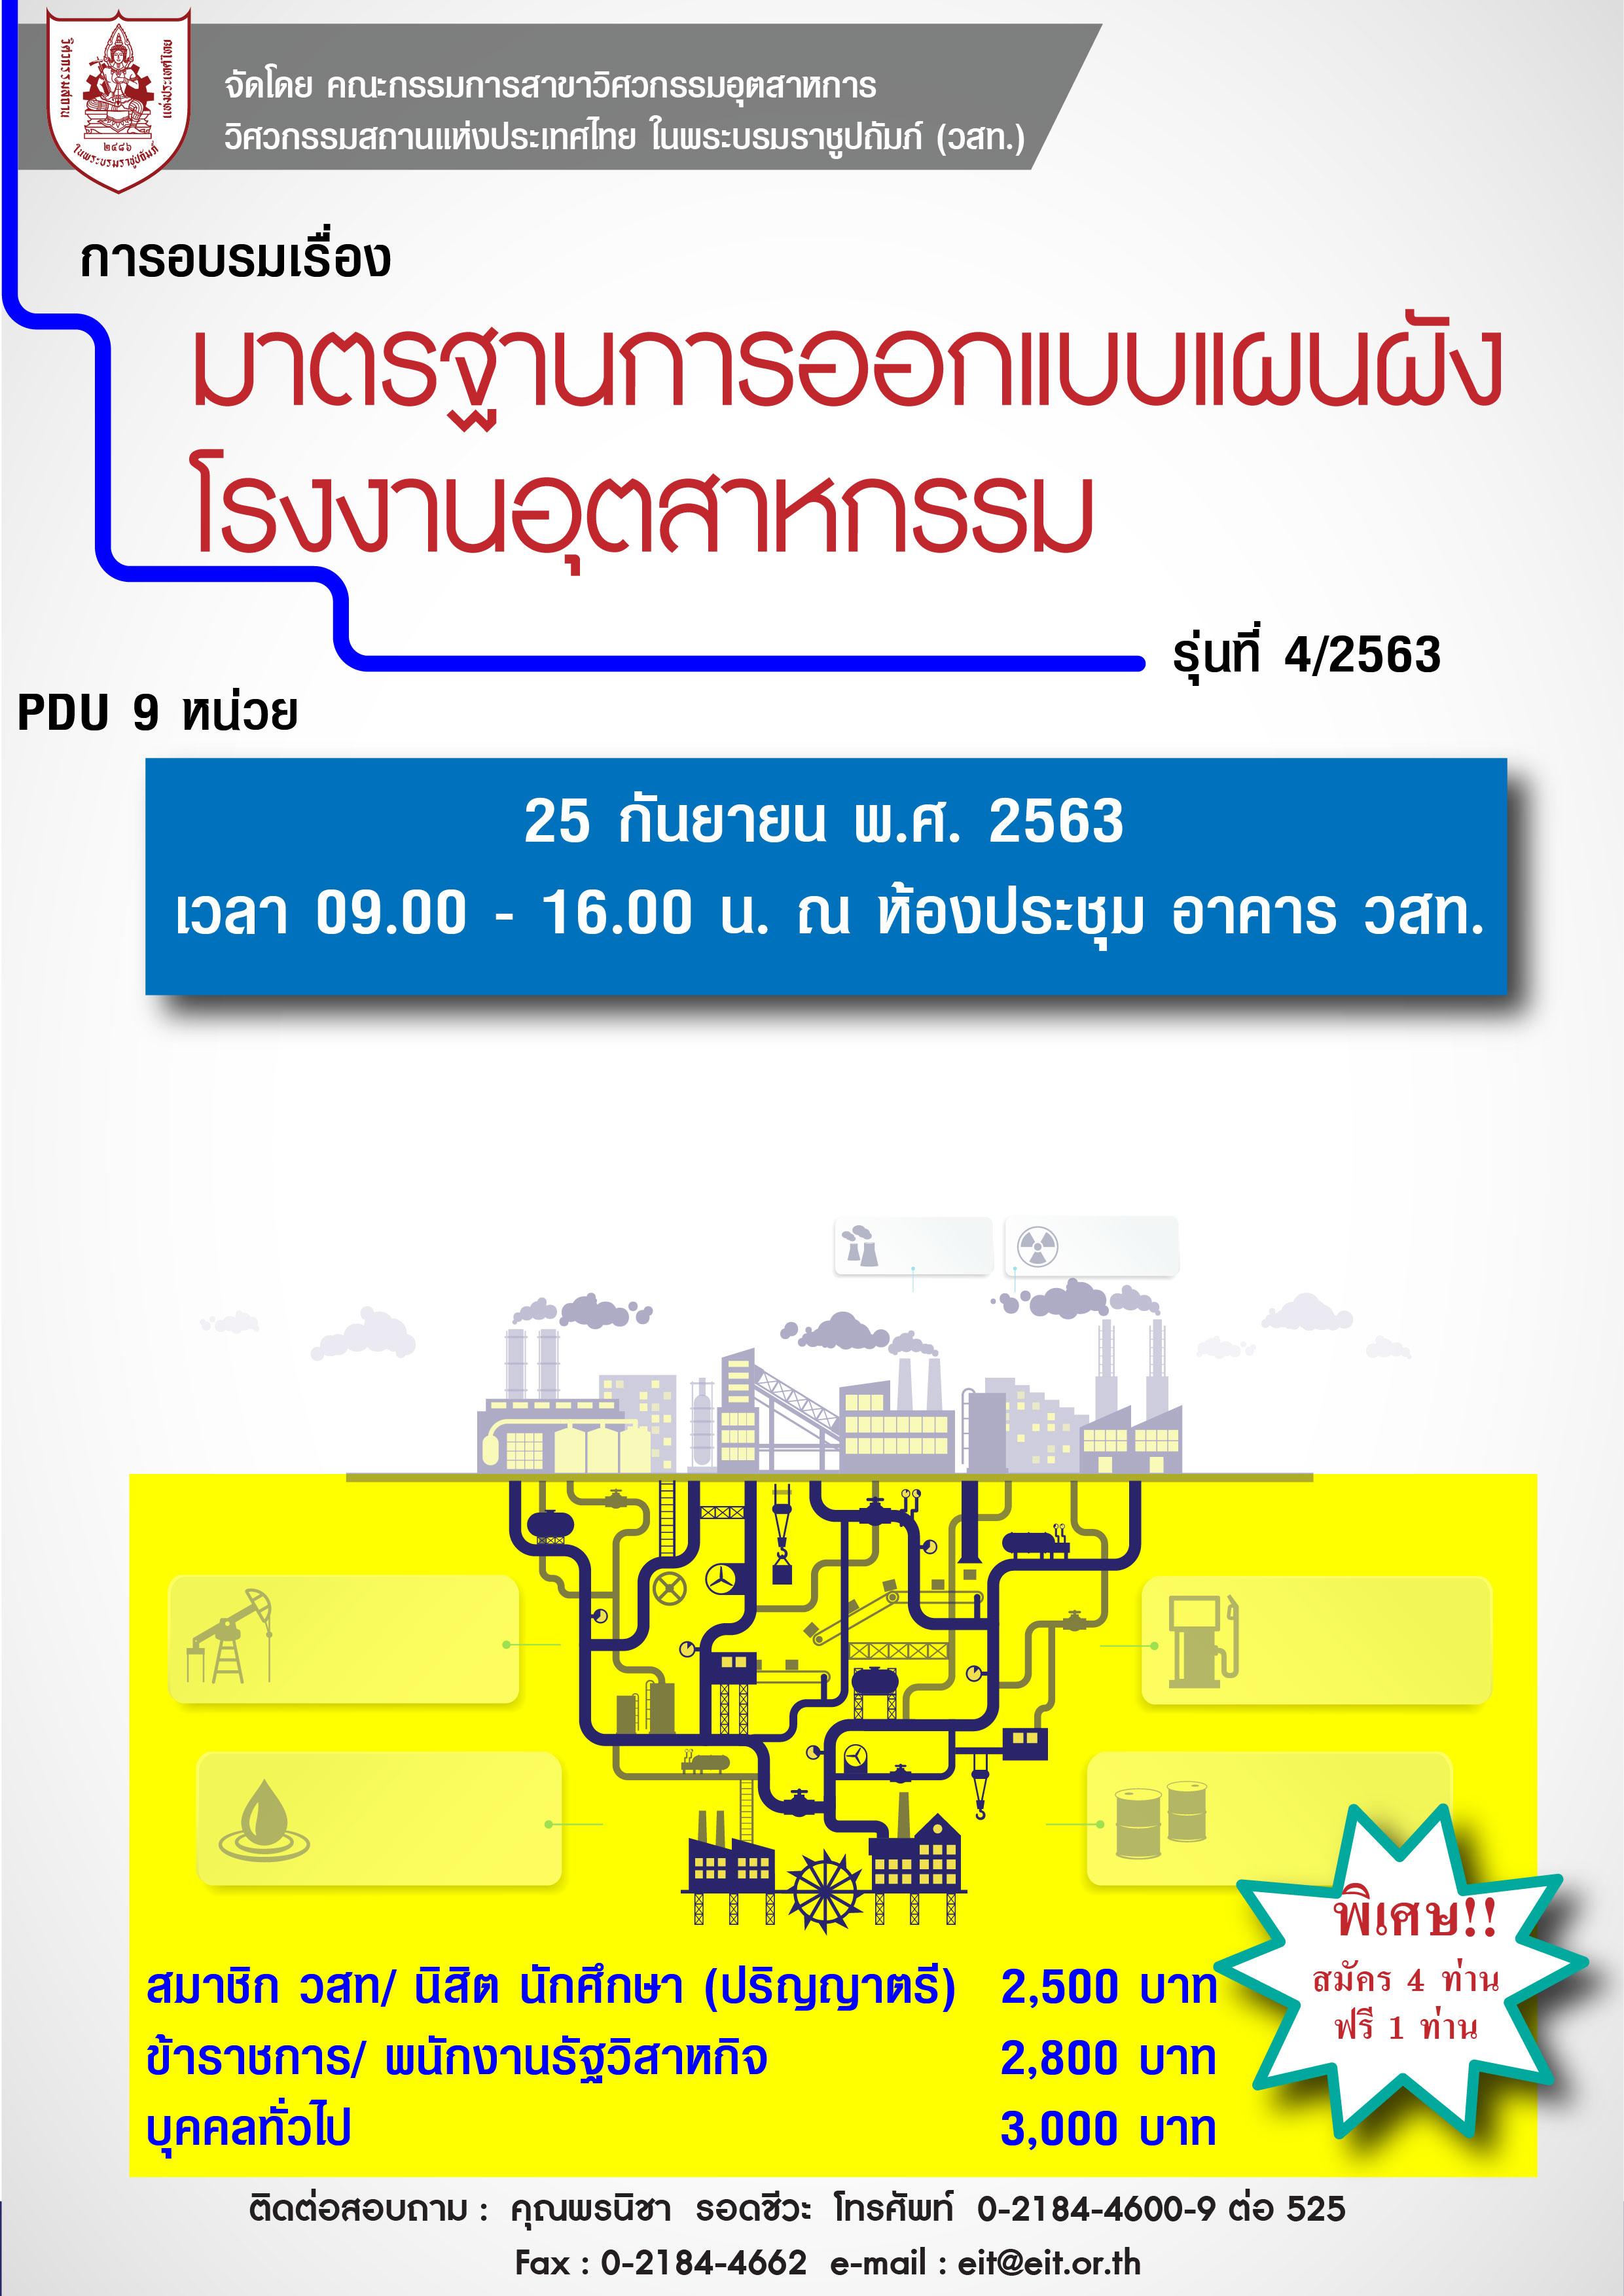 25/09/2563 มาตรฐานการออกแบบแผนผังโรงงานอุตสาหกรรม รุ่นที่ 4